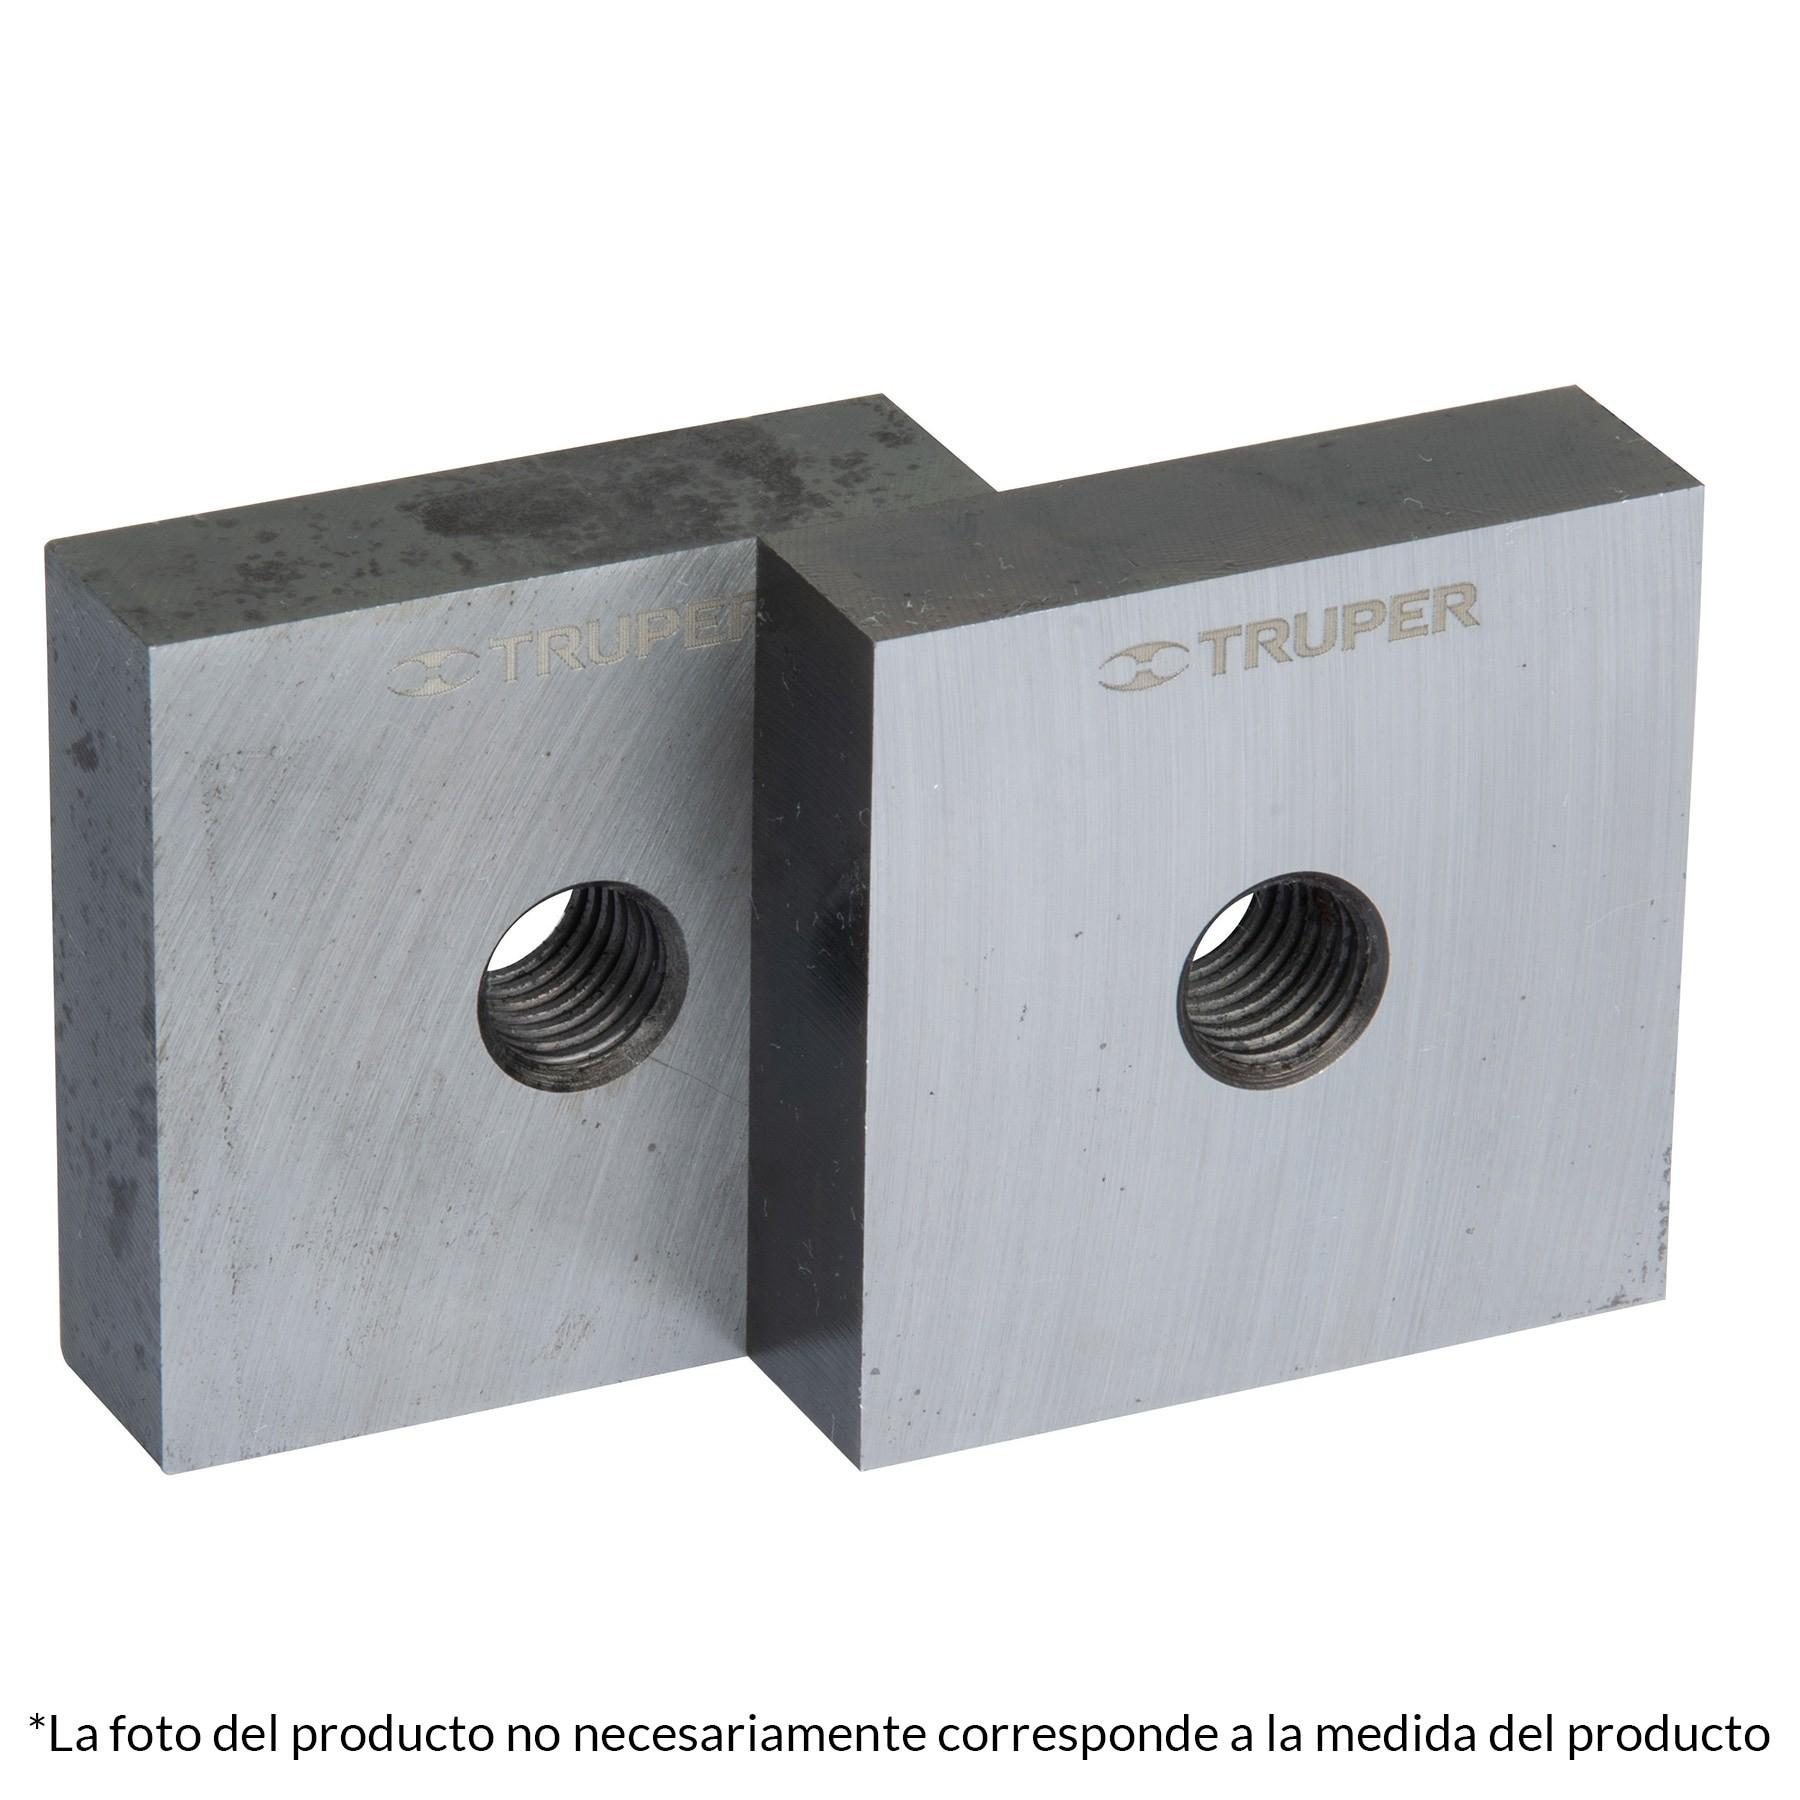 Repuesto de cuchillas para cortador COVAR-3/4, 2 piezas